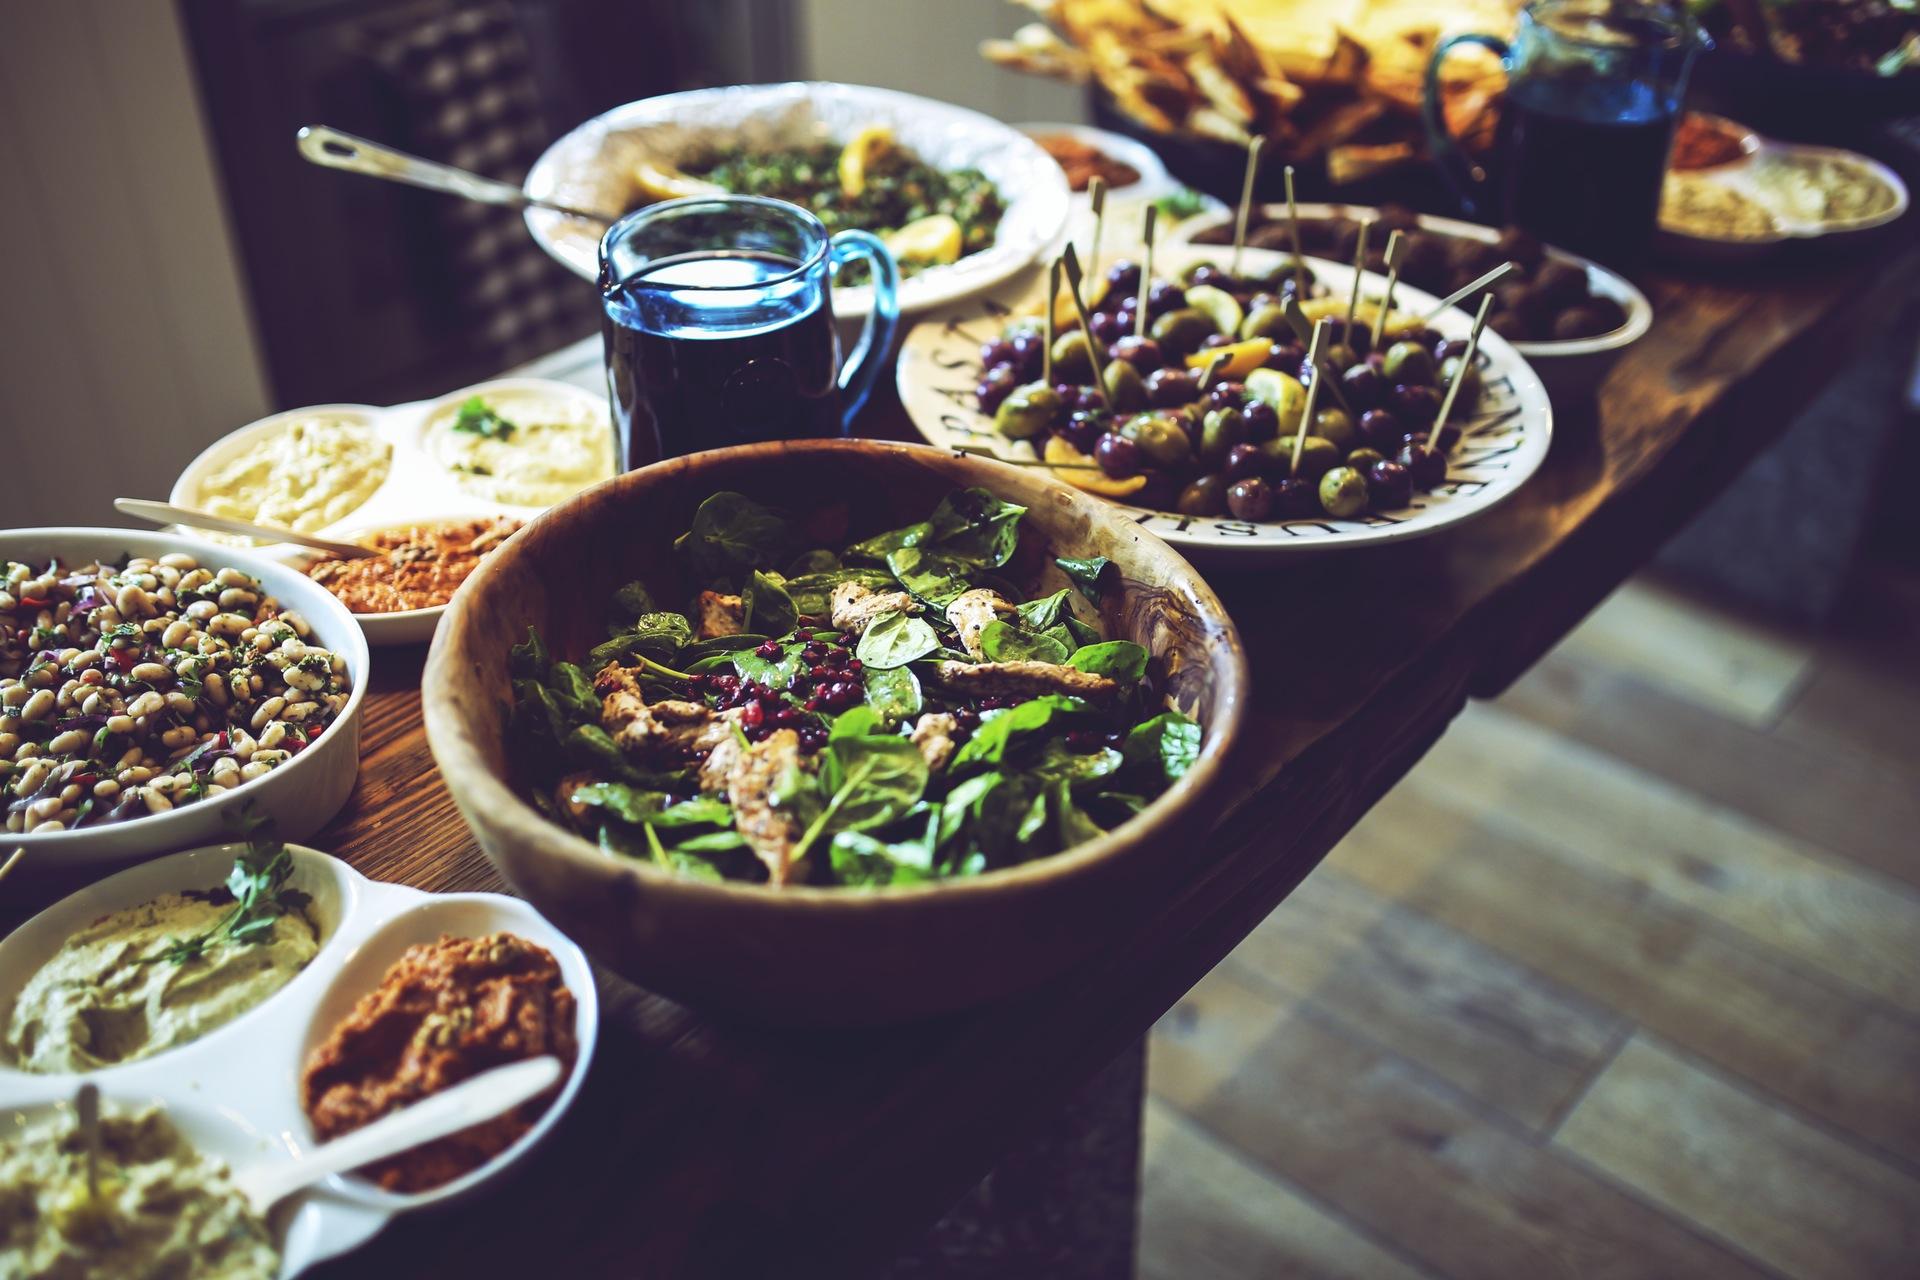 comida, ensalada, vegetales, saludable, cocina, delicioso - Fondos de Pantalla HD - professor-falken.com